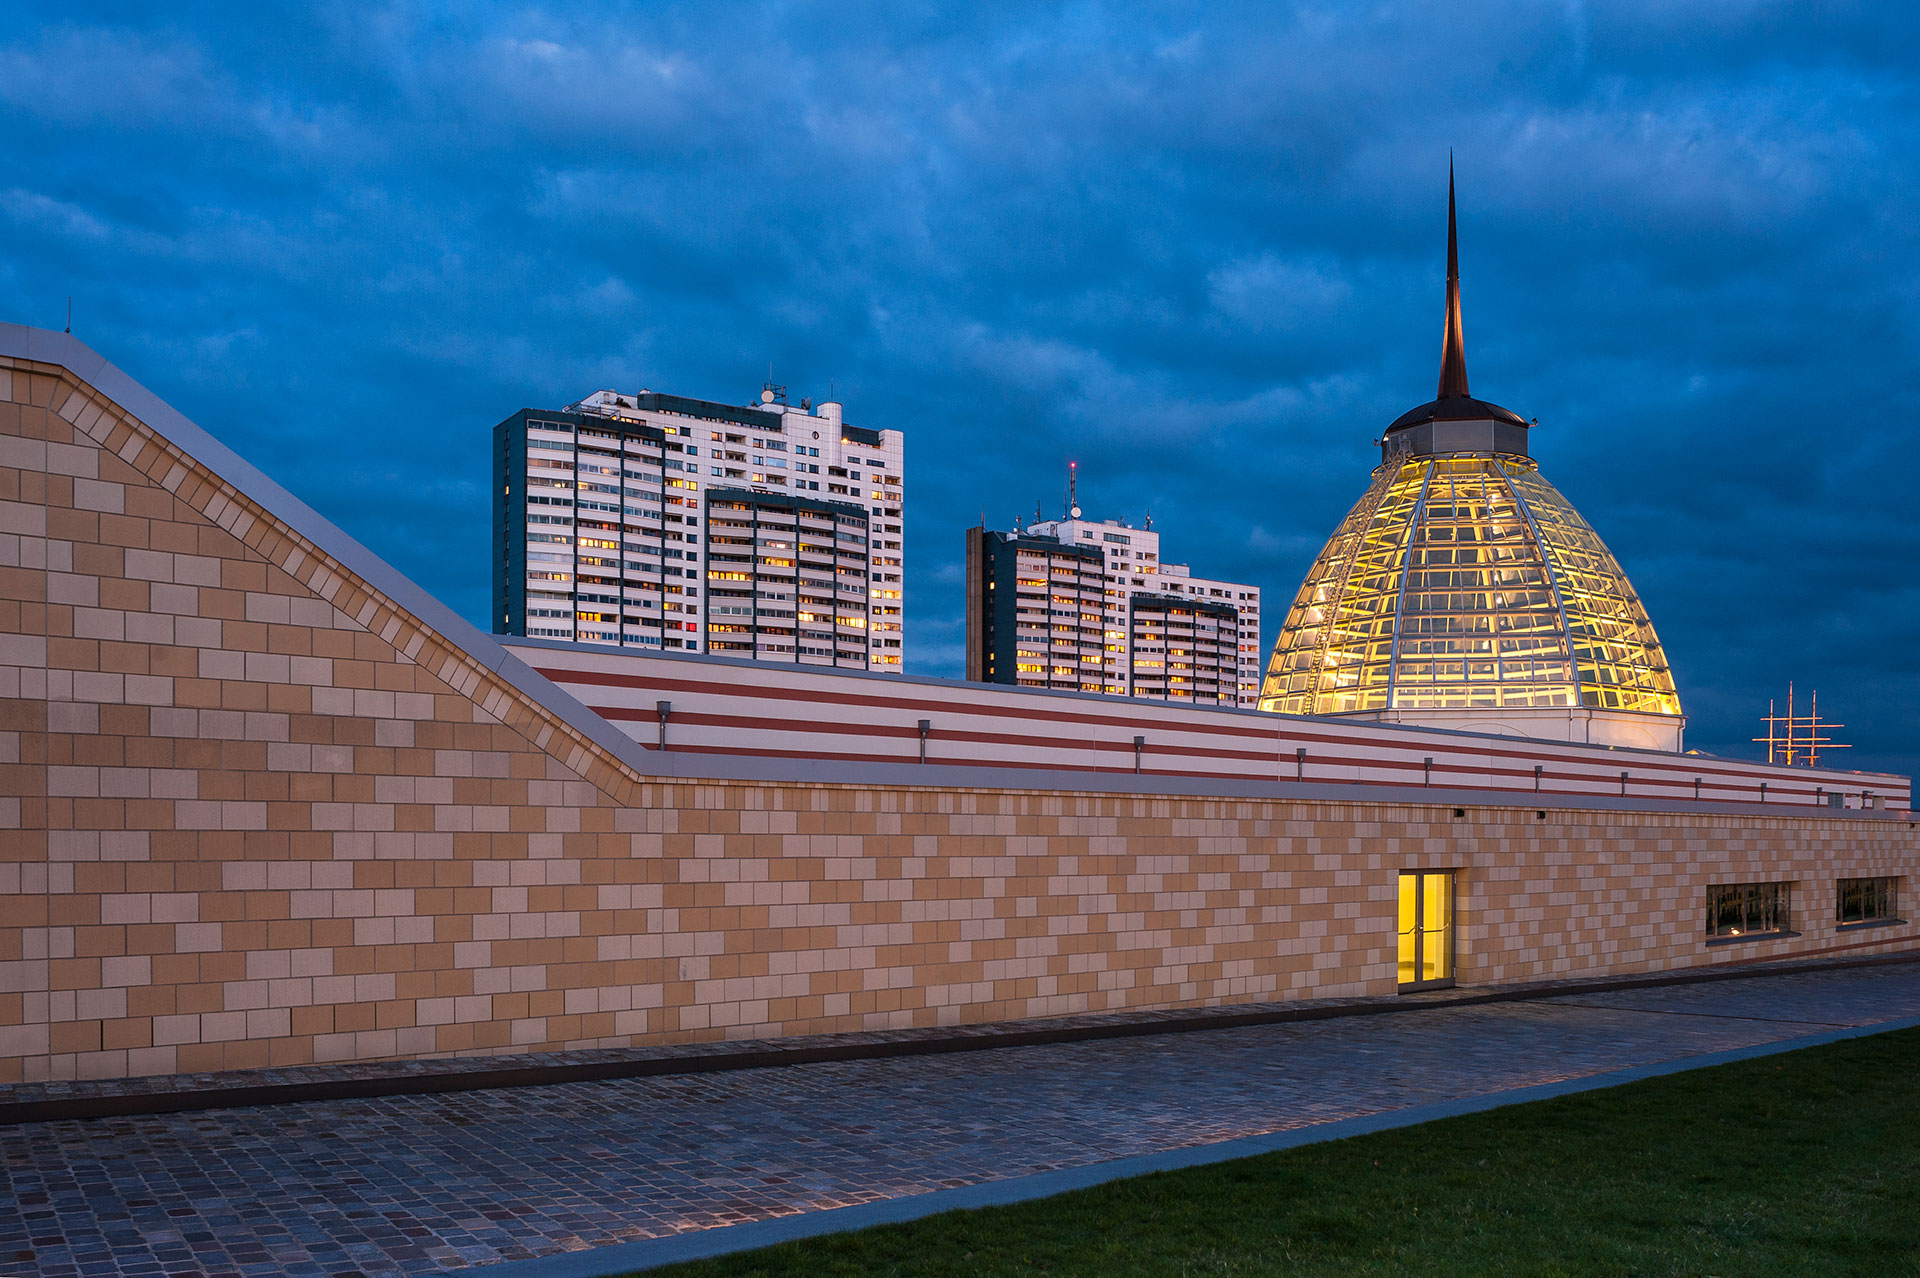 Architektur in Bremerhaven mit den Havenwelten zeigt die Glaskuppel des Mediterraneo und im Hintergrund das Columbus-Center eine Architektur aus den 1970ern